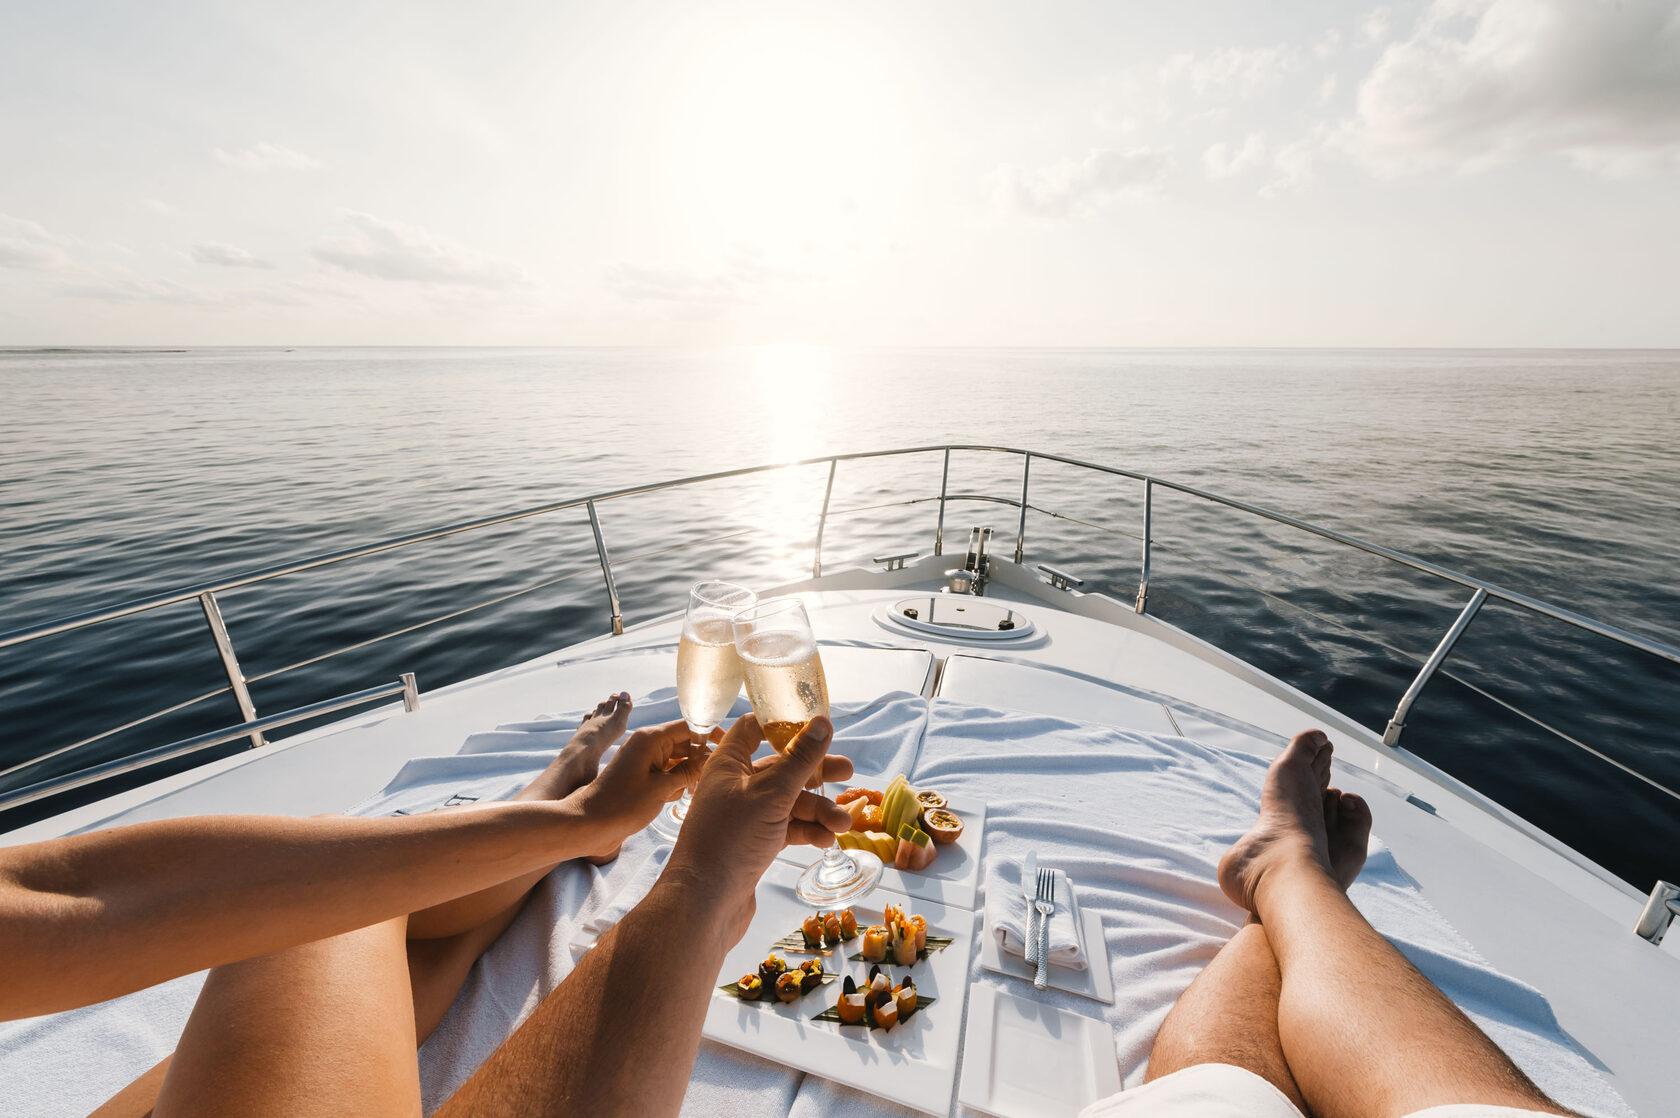 Подарите себе настоящее удовольствие от единения с морем. Насыщенная морская прогулка на роскошной яхте, встреча с дельфинами и купание в открытом море — вот наш рецепт отличного настроения!